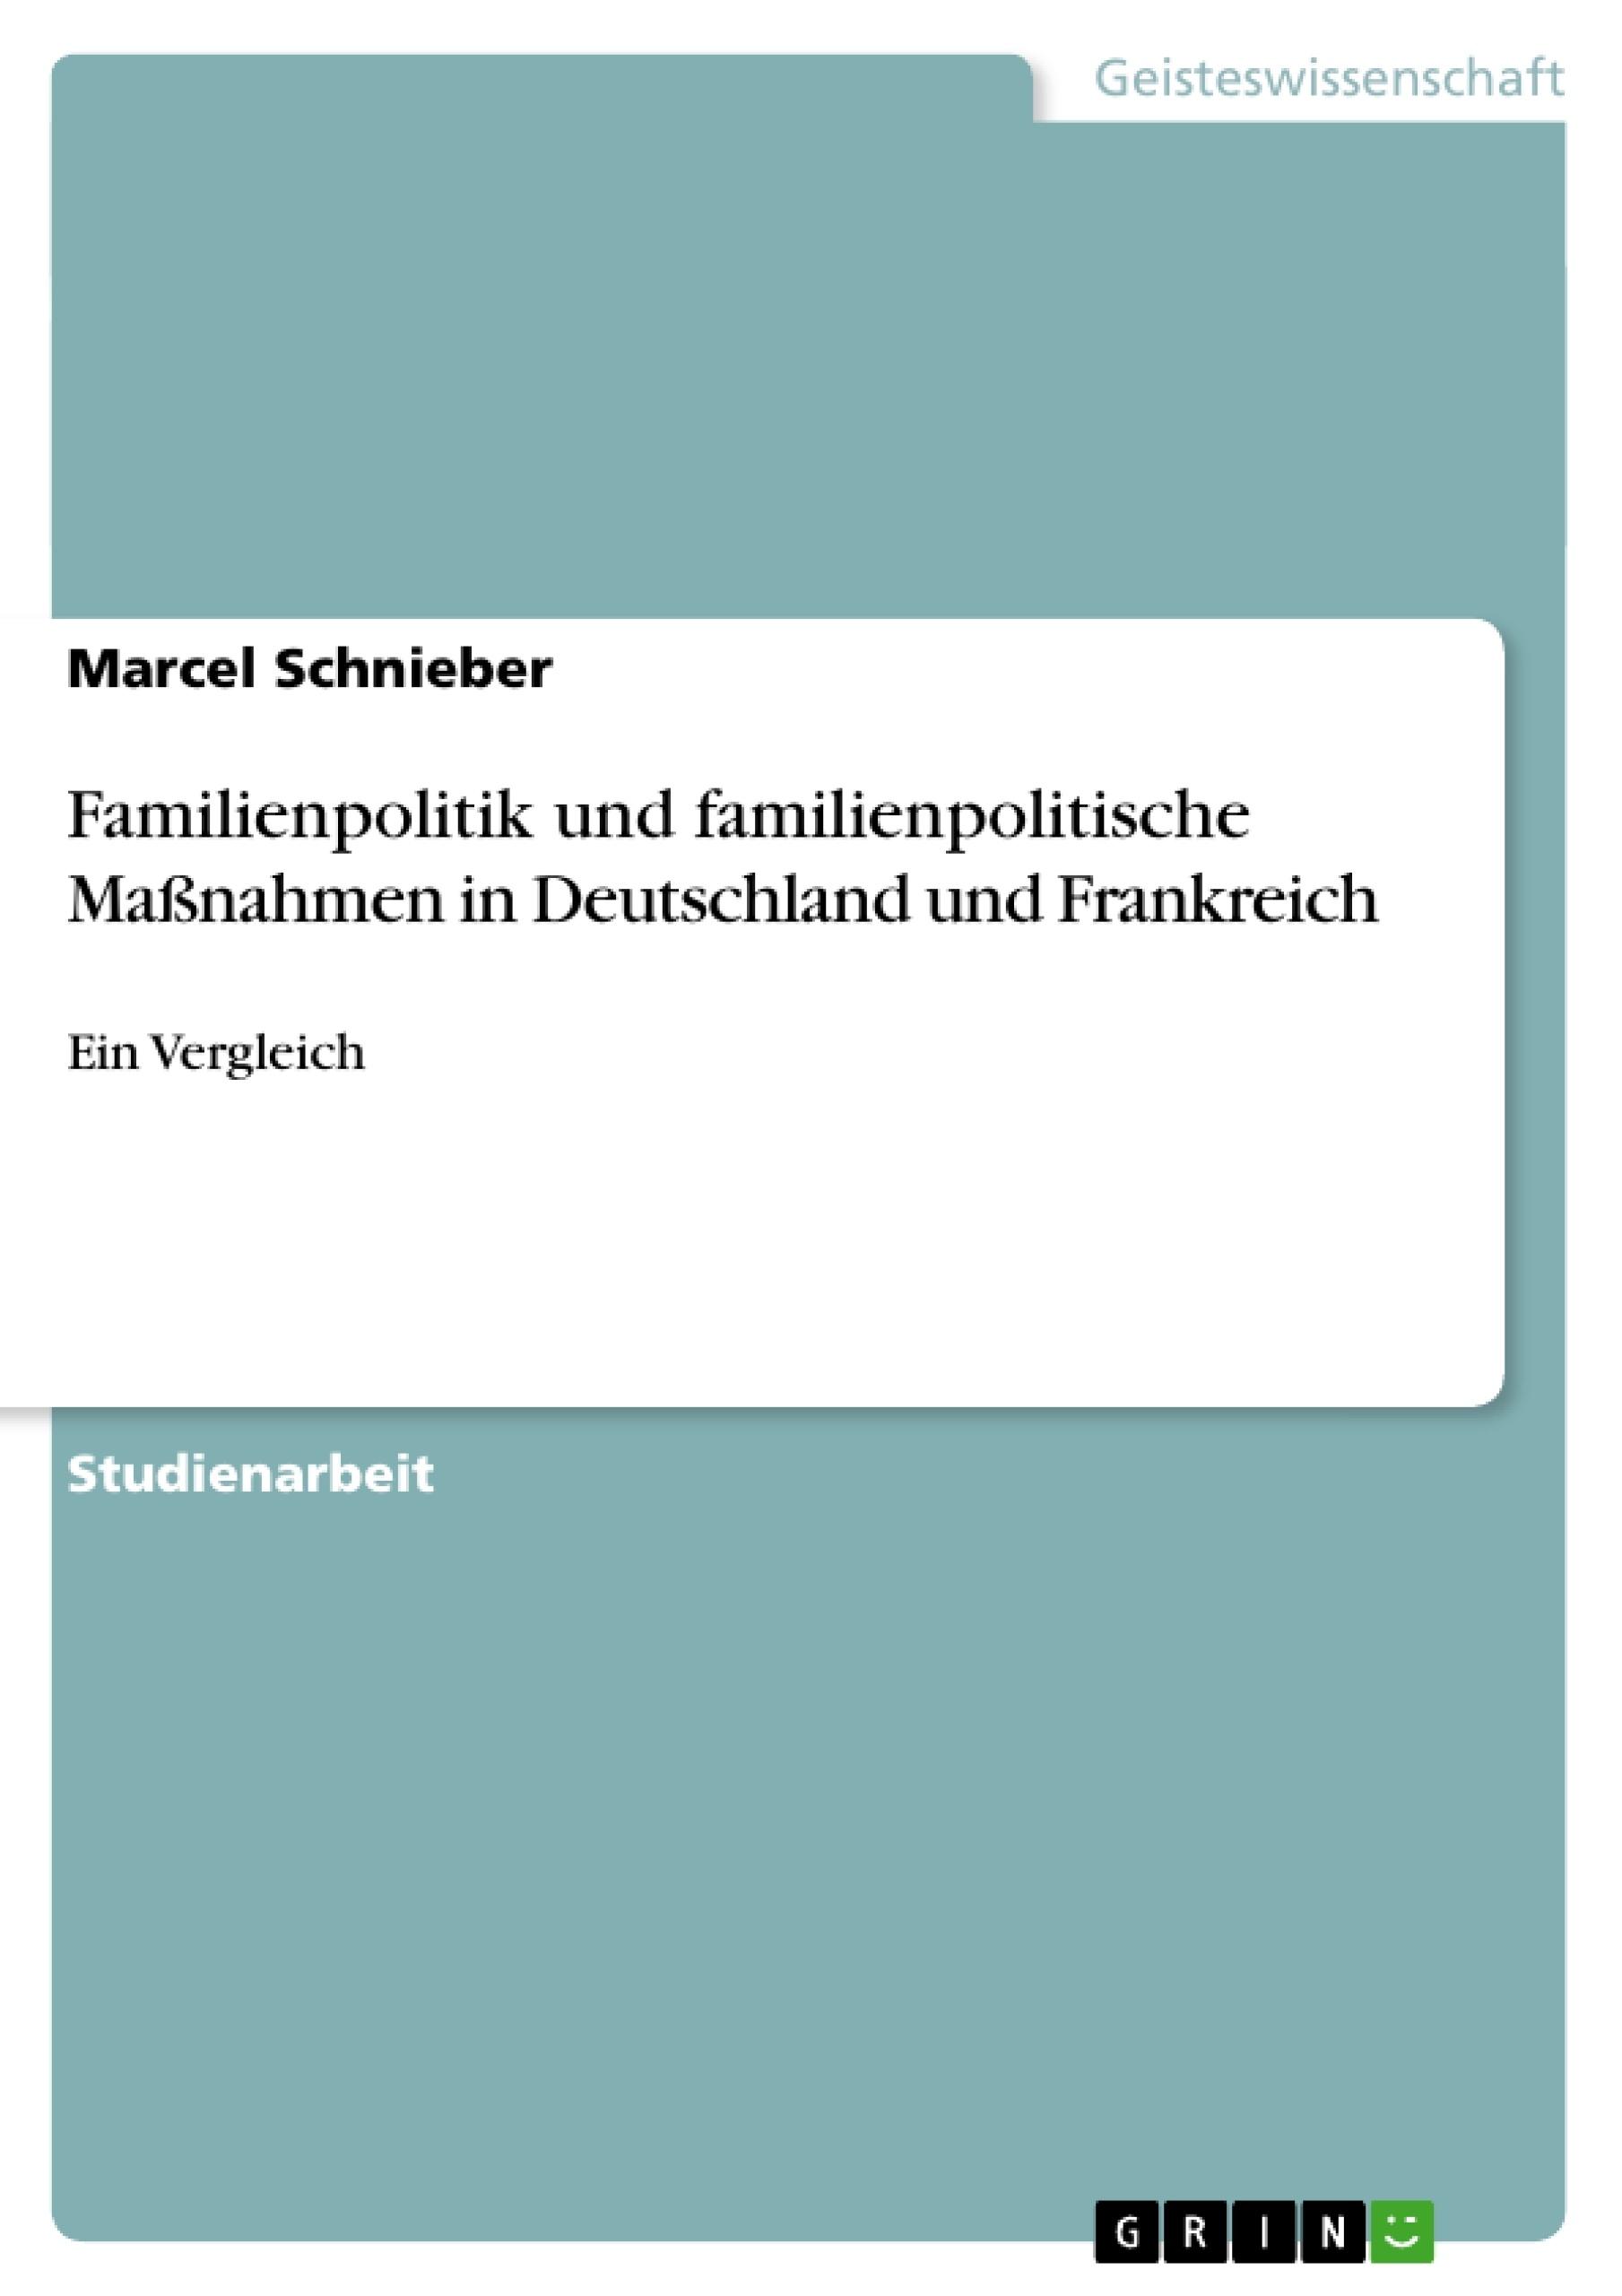 Titel: Familienpolitik und familienpolitische Maßnahmen in Deutschland und Frankreich